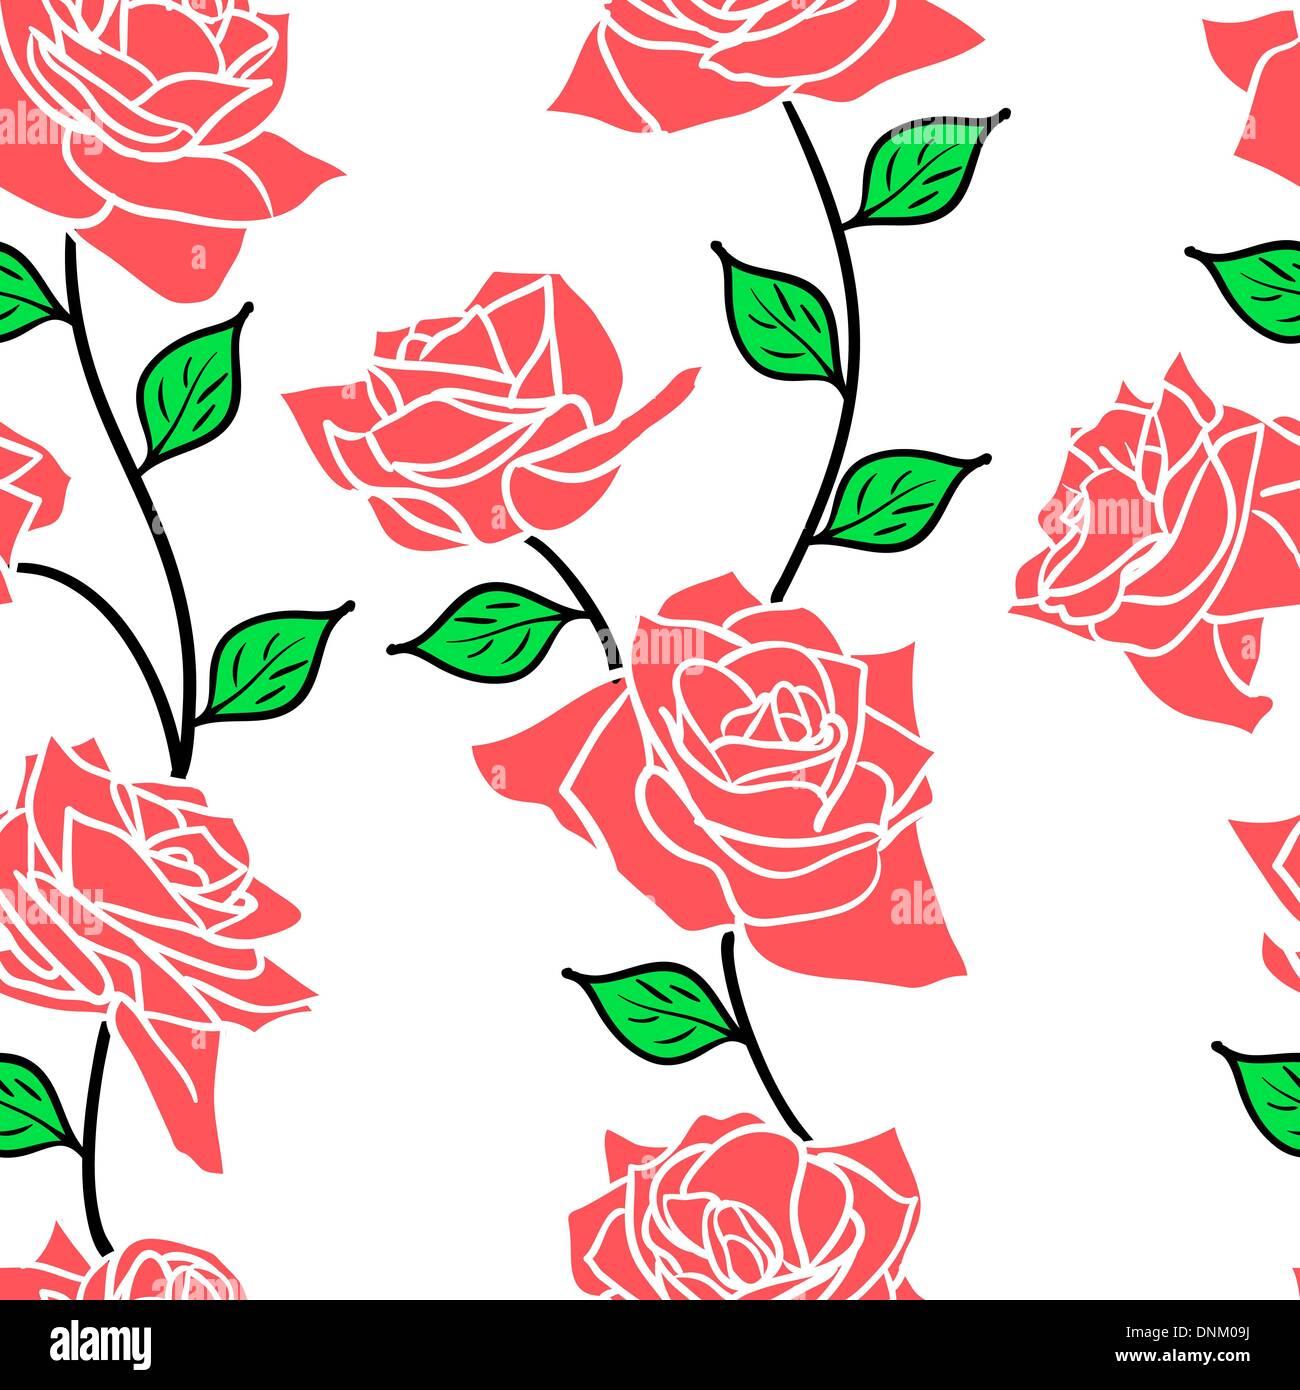 Bella la carta da parati senza giunture con rose fiori, illustrazione vettoriale Immagini Stock